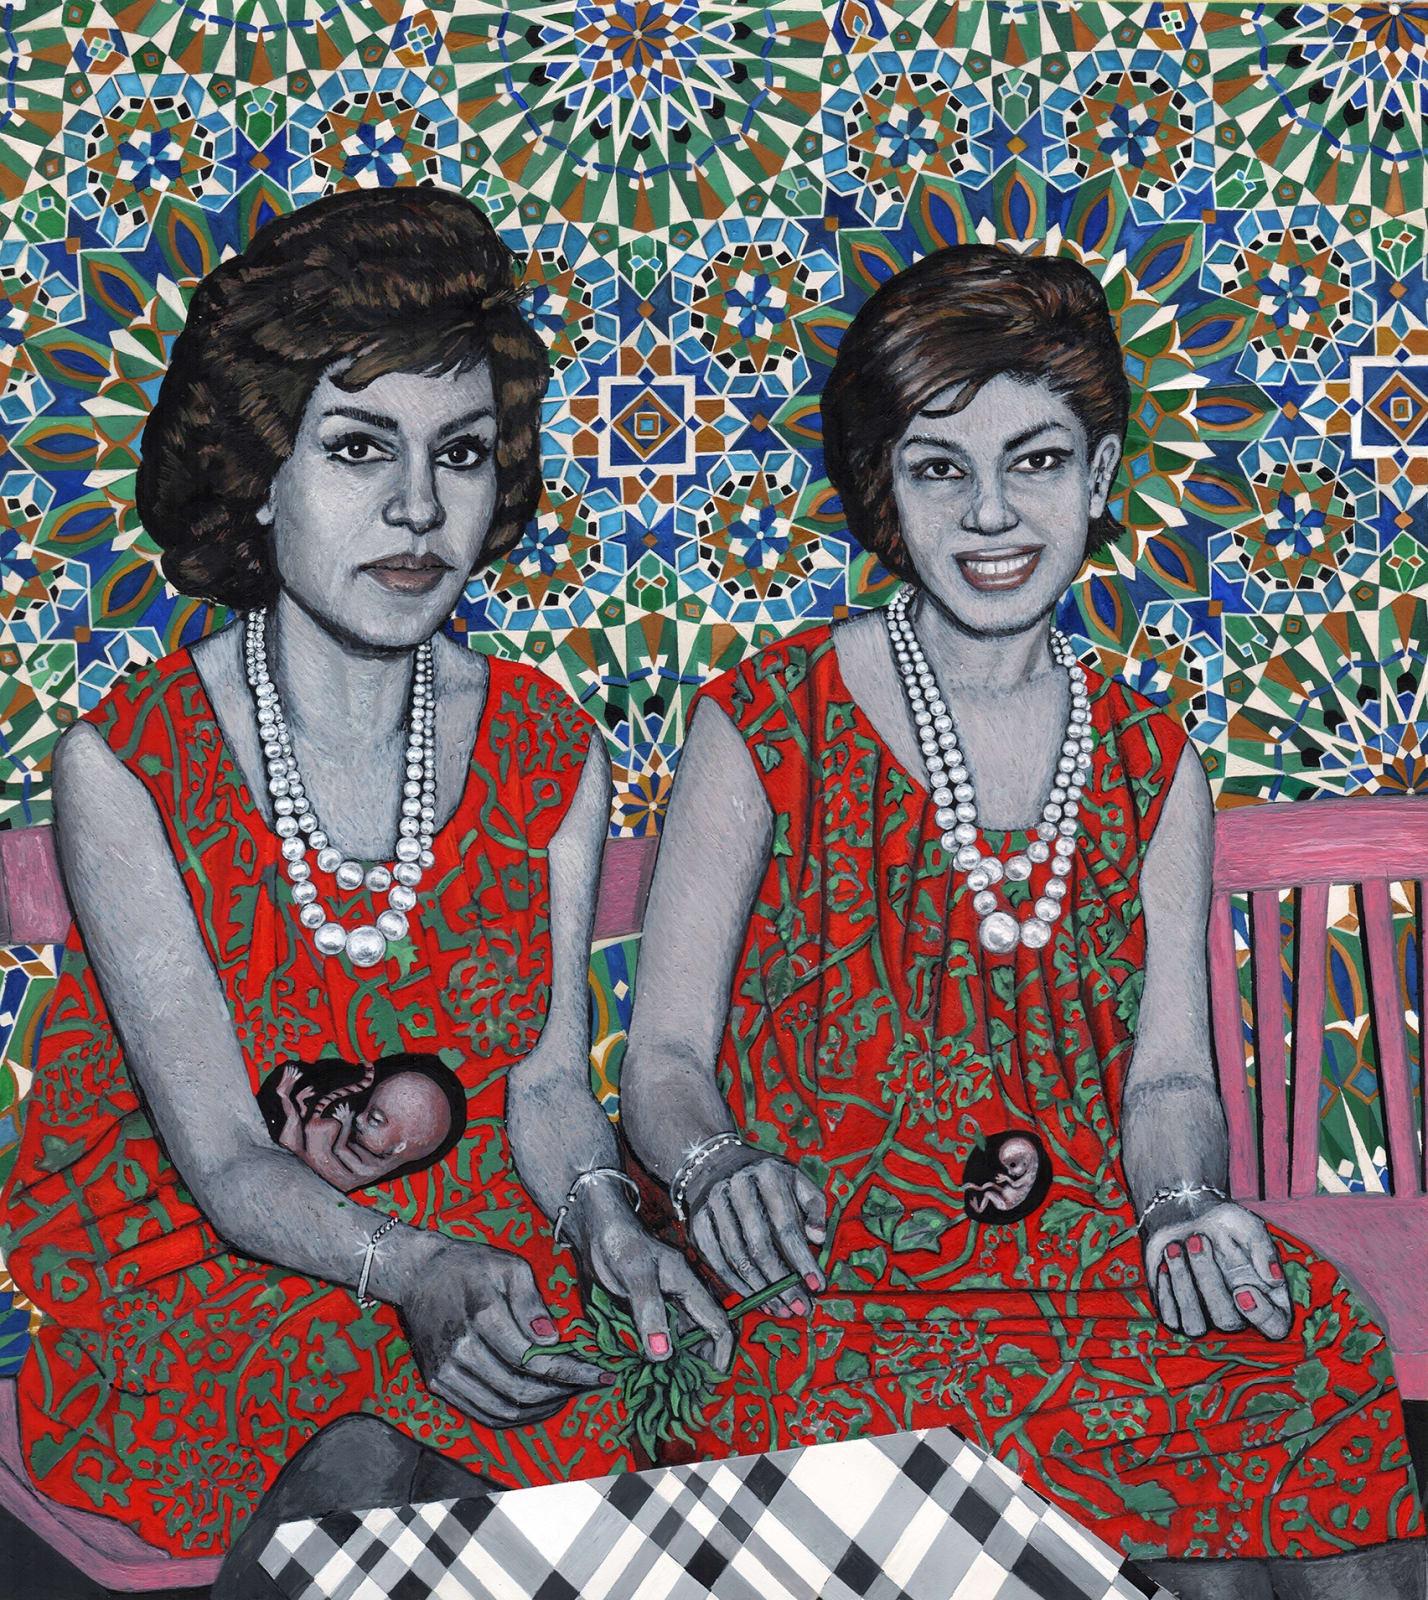 Soheila Sokhanvari, Children of Revolution, 2019 Egg tempera on calf vellum 21 x 24 cm